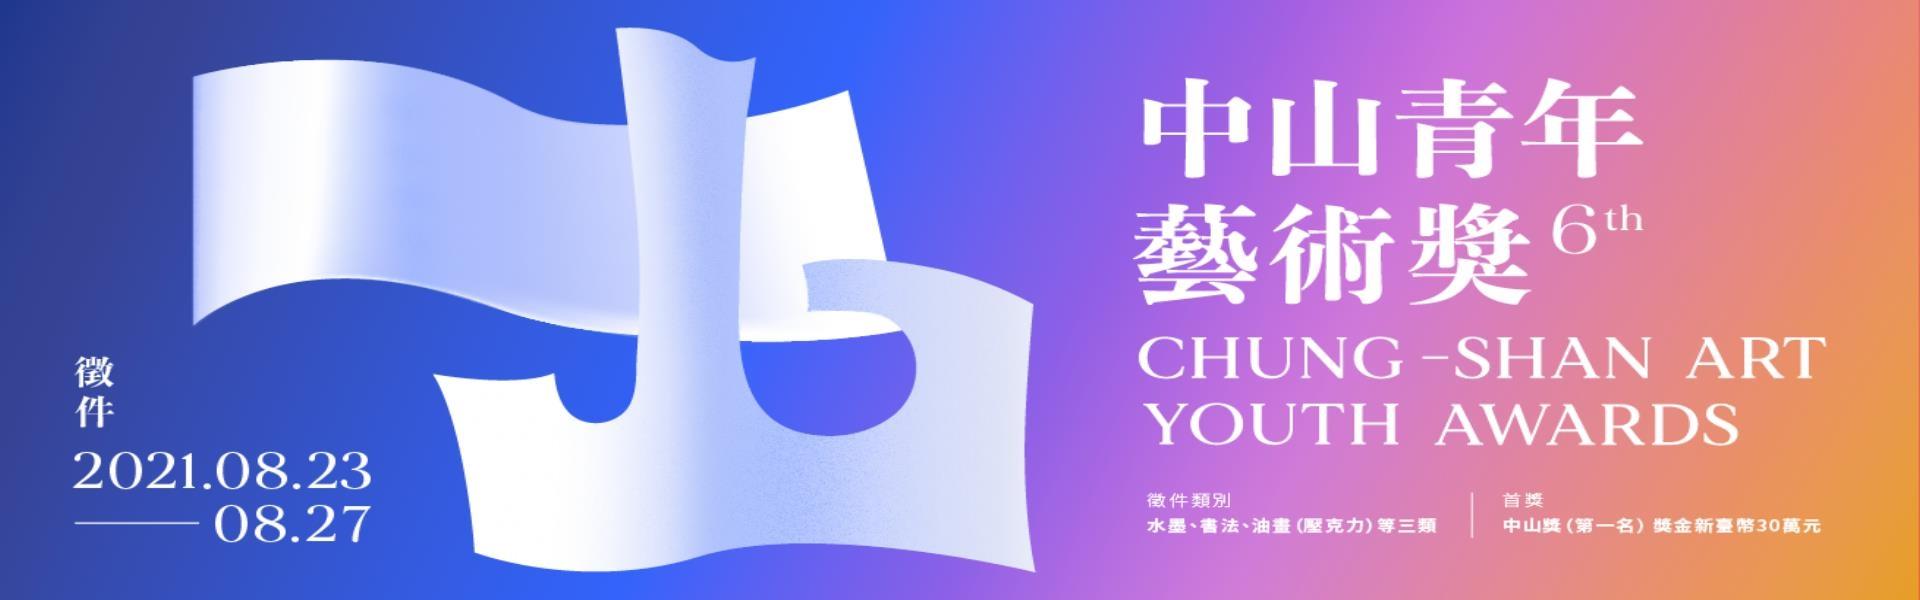 「2021中山青年藝術獎」競賽徵件活動「另開新視窗」